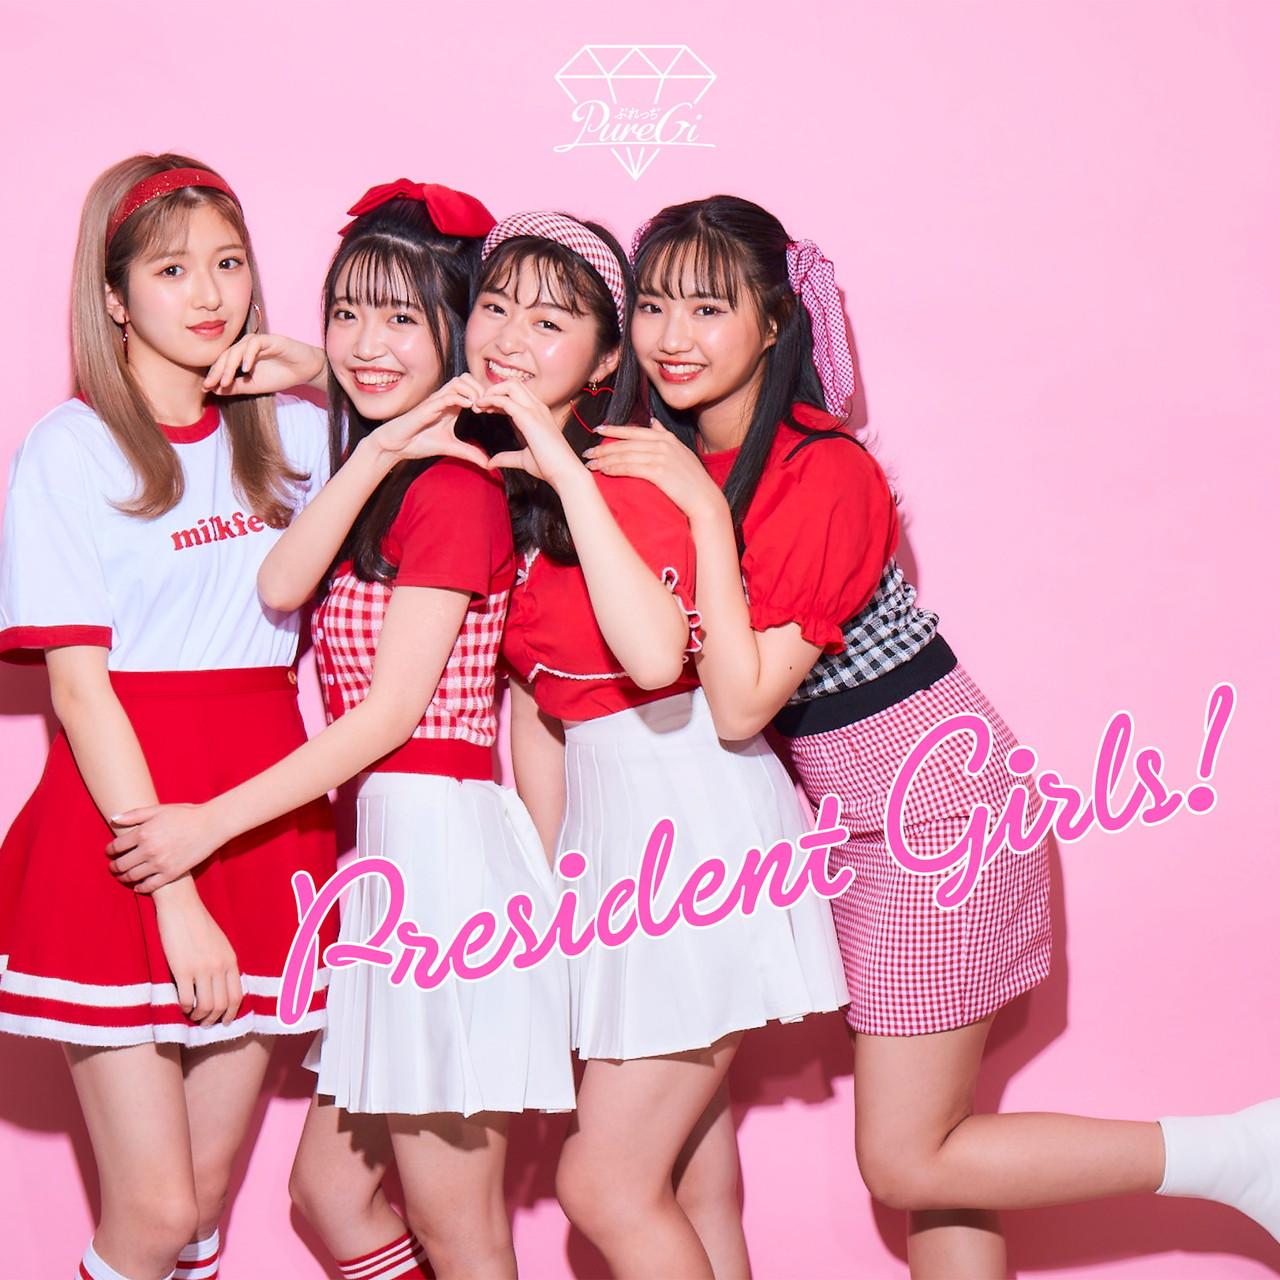 President Girls!